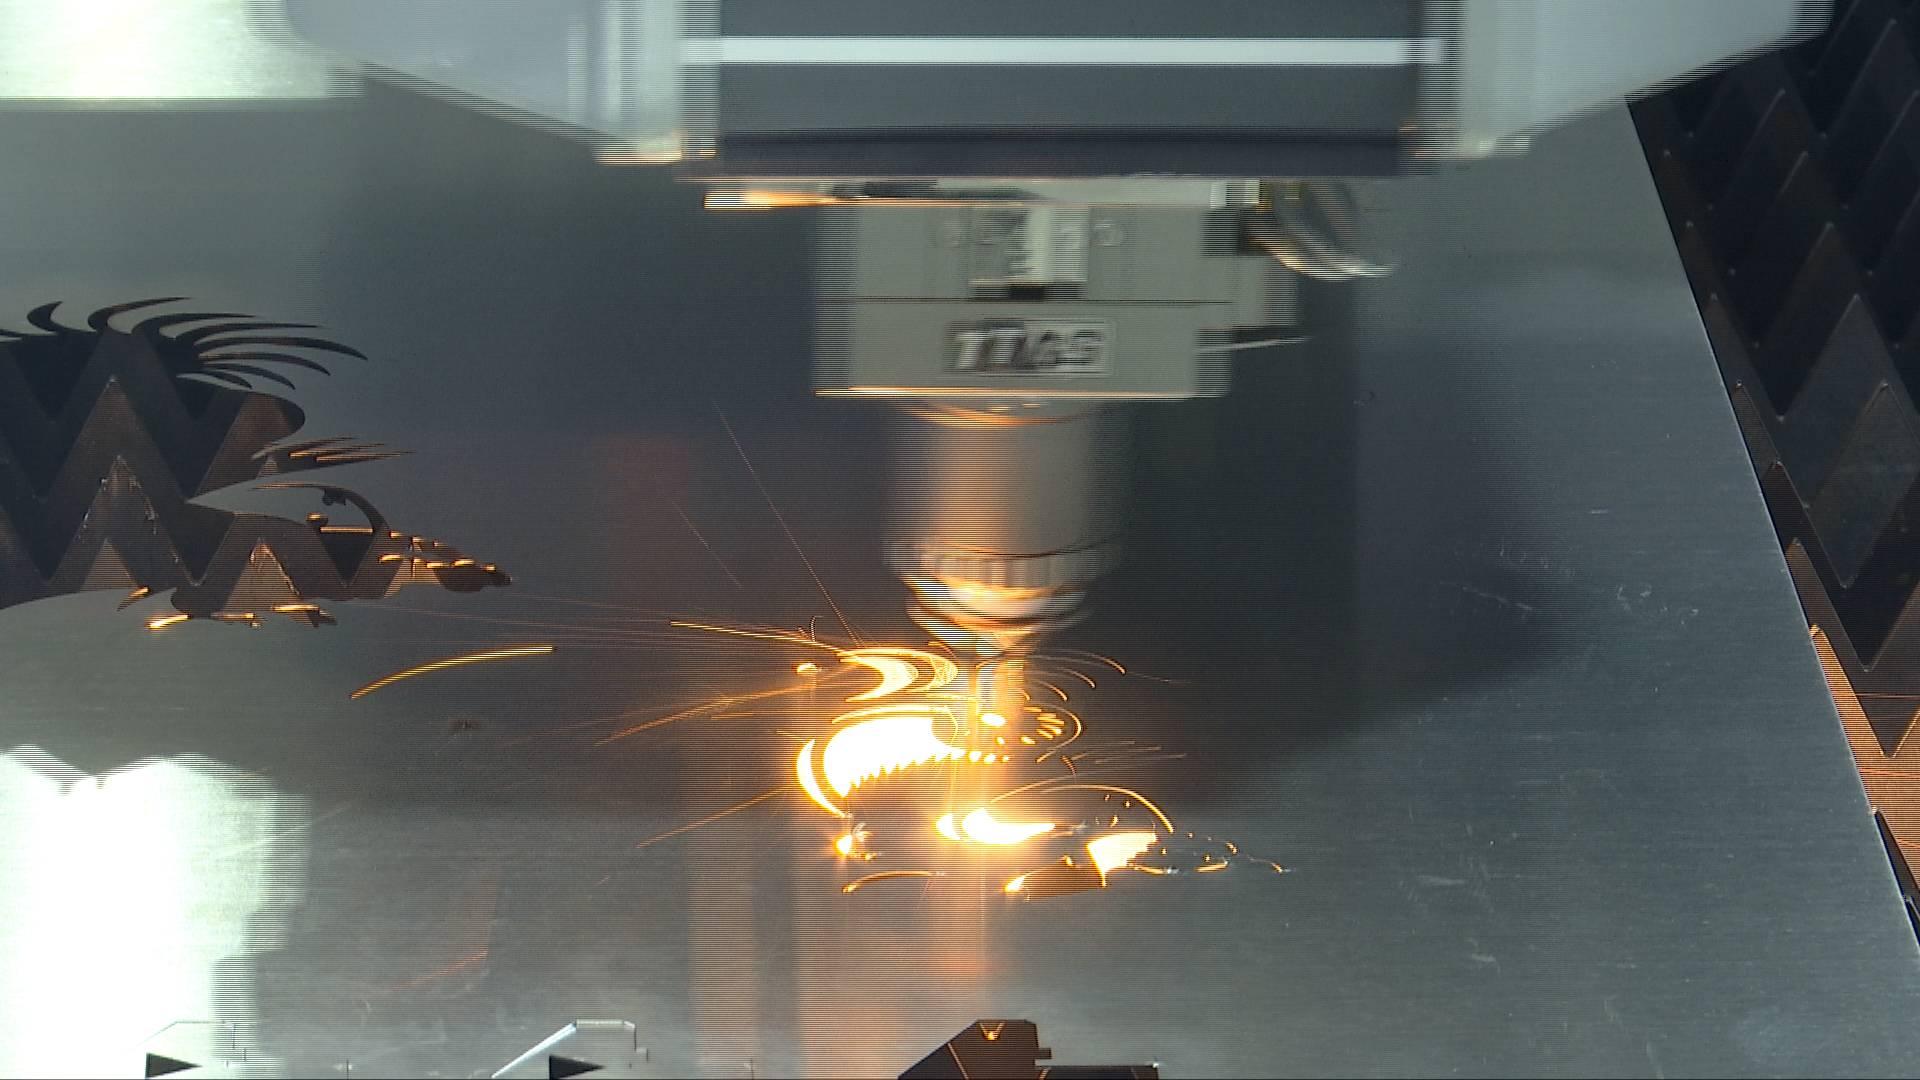 64秒丨激光切割机十几秒裁出钢板剪纸,来山东这个博览会上涨见识